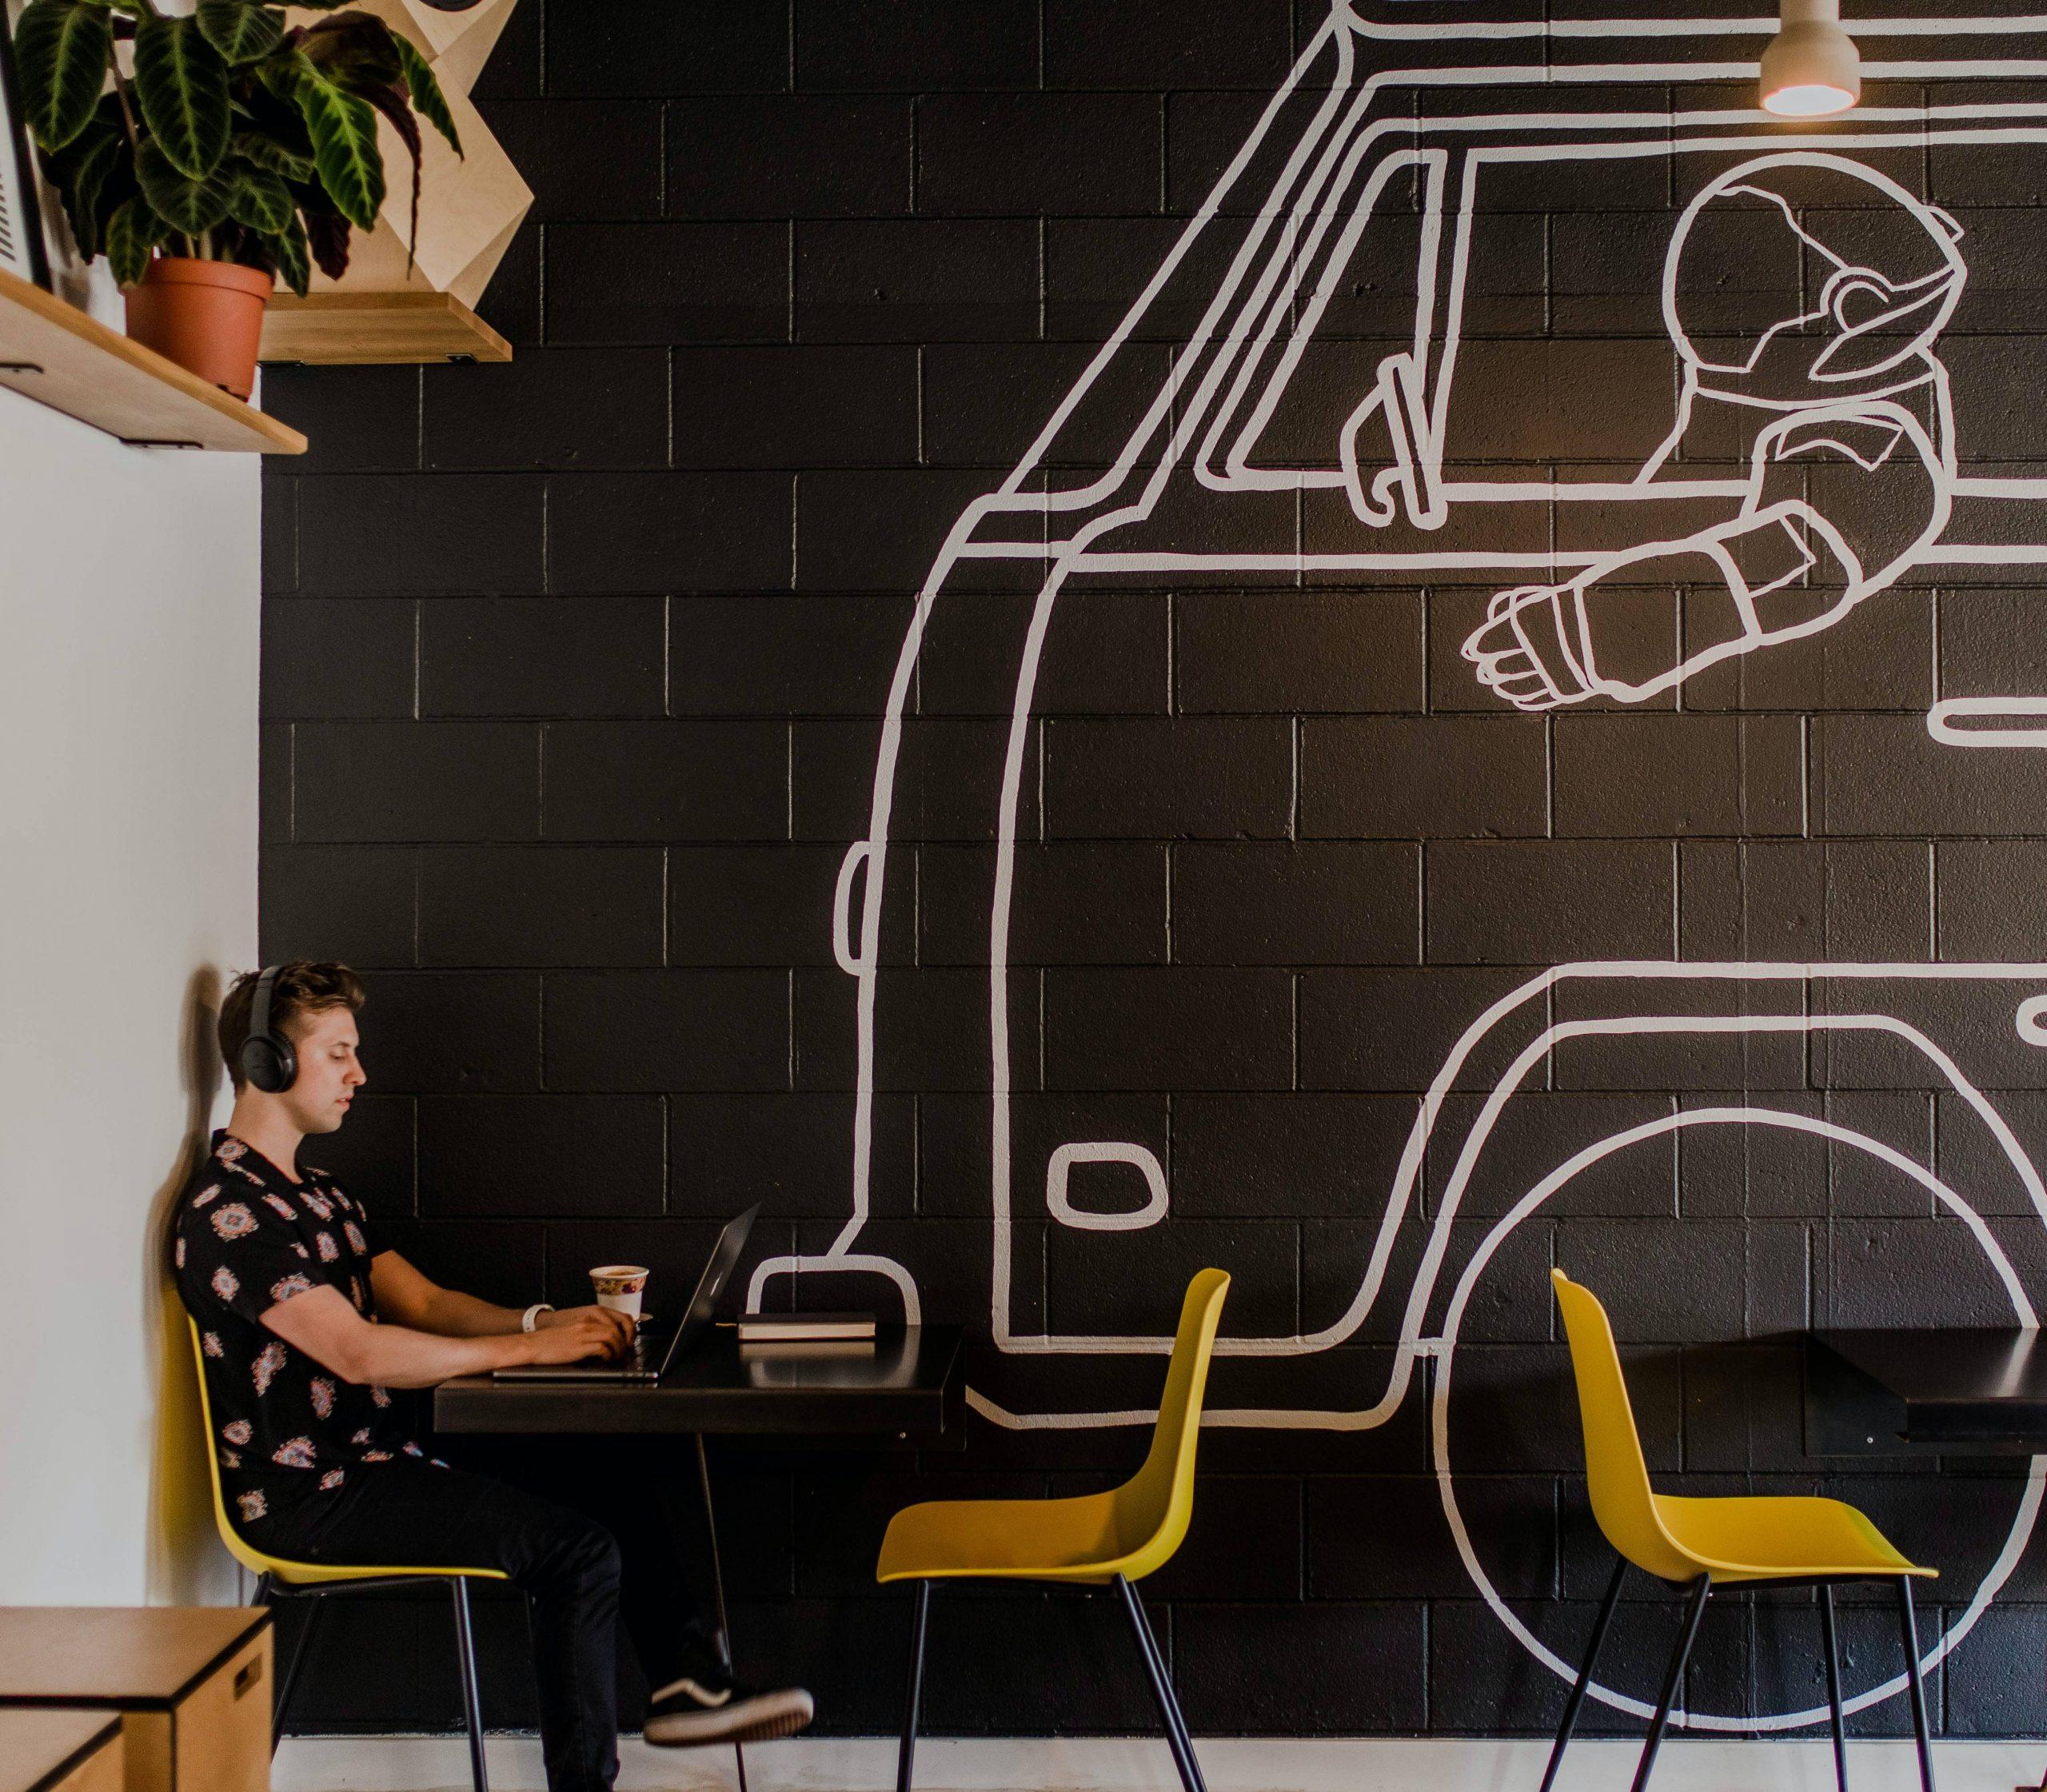 Nómada digital trabajando en café con un mural de una combi